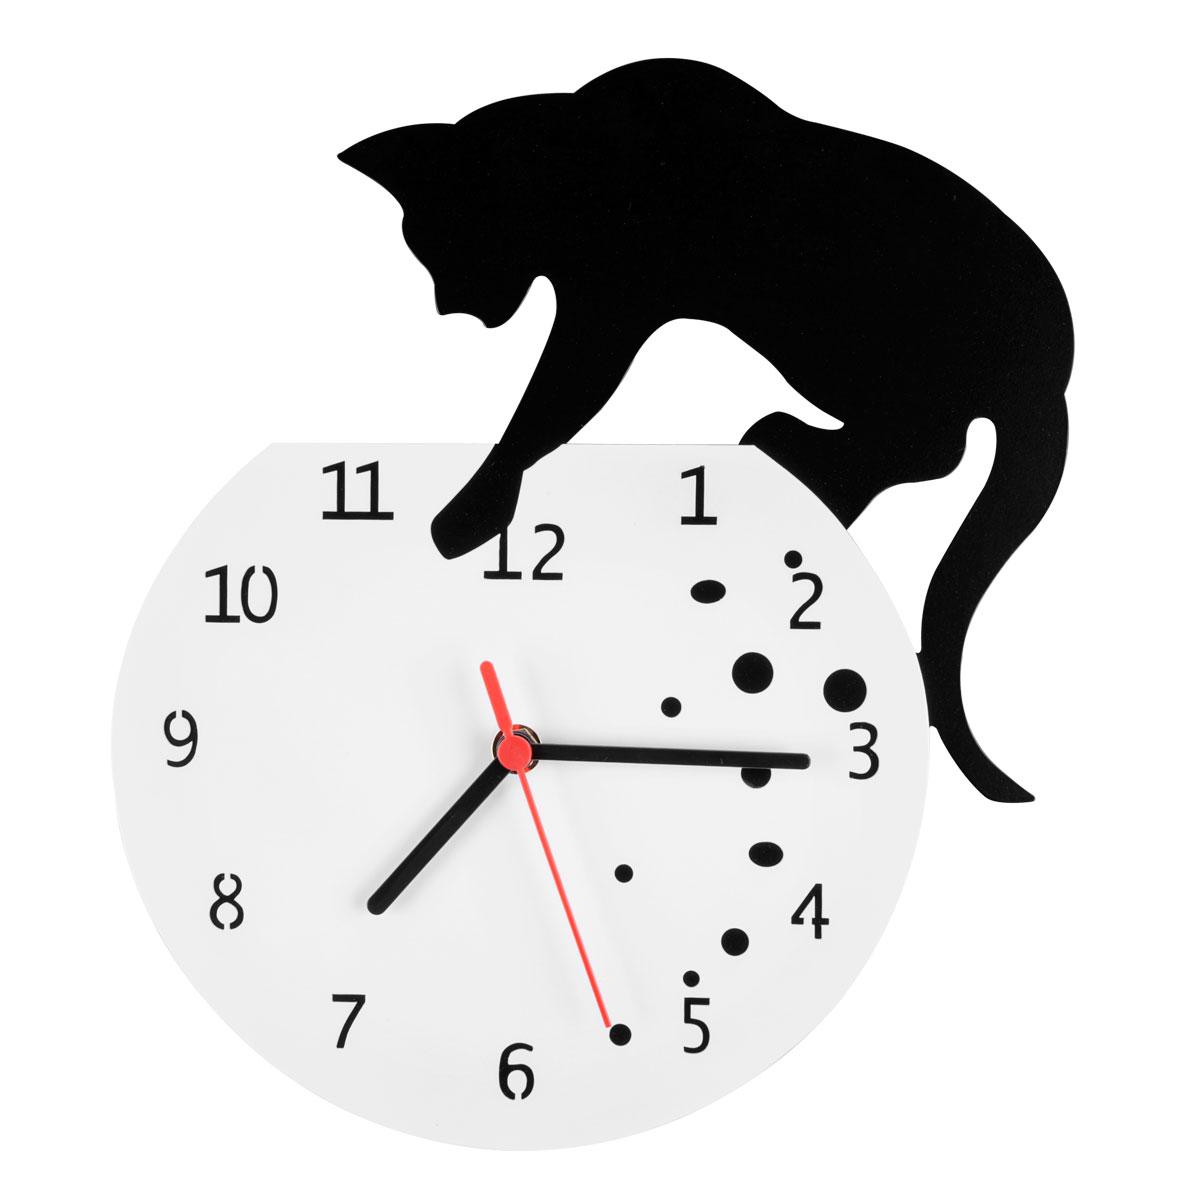 Часы настенные Miolla Кот, цвет: белый, черныйCH018Оригинальные настенные часы круглой формы выполнены из стали. Часы имеют три стрелки - часовую, минутную и секундную и циферблат с цифрами. Необычное дизайнерское решение и качество исполнения придутся по вкусу каждому. Оформите свой дом таким интерьерным аксессуаром или преподнесите его в качестве презента друзьям, и они оценят ваш оригинальный вкус и неординарность подарка.